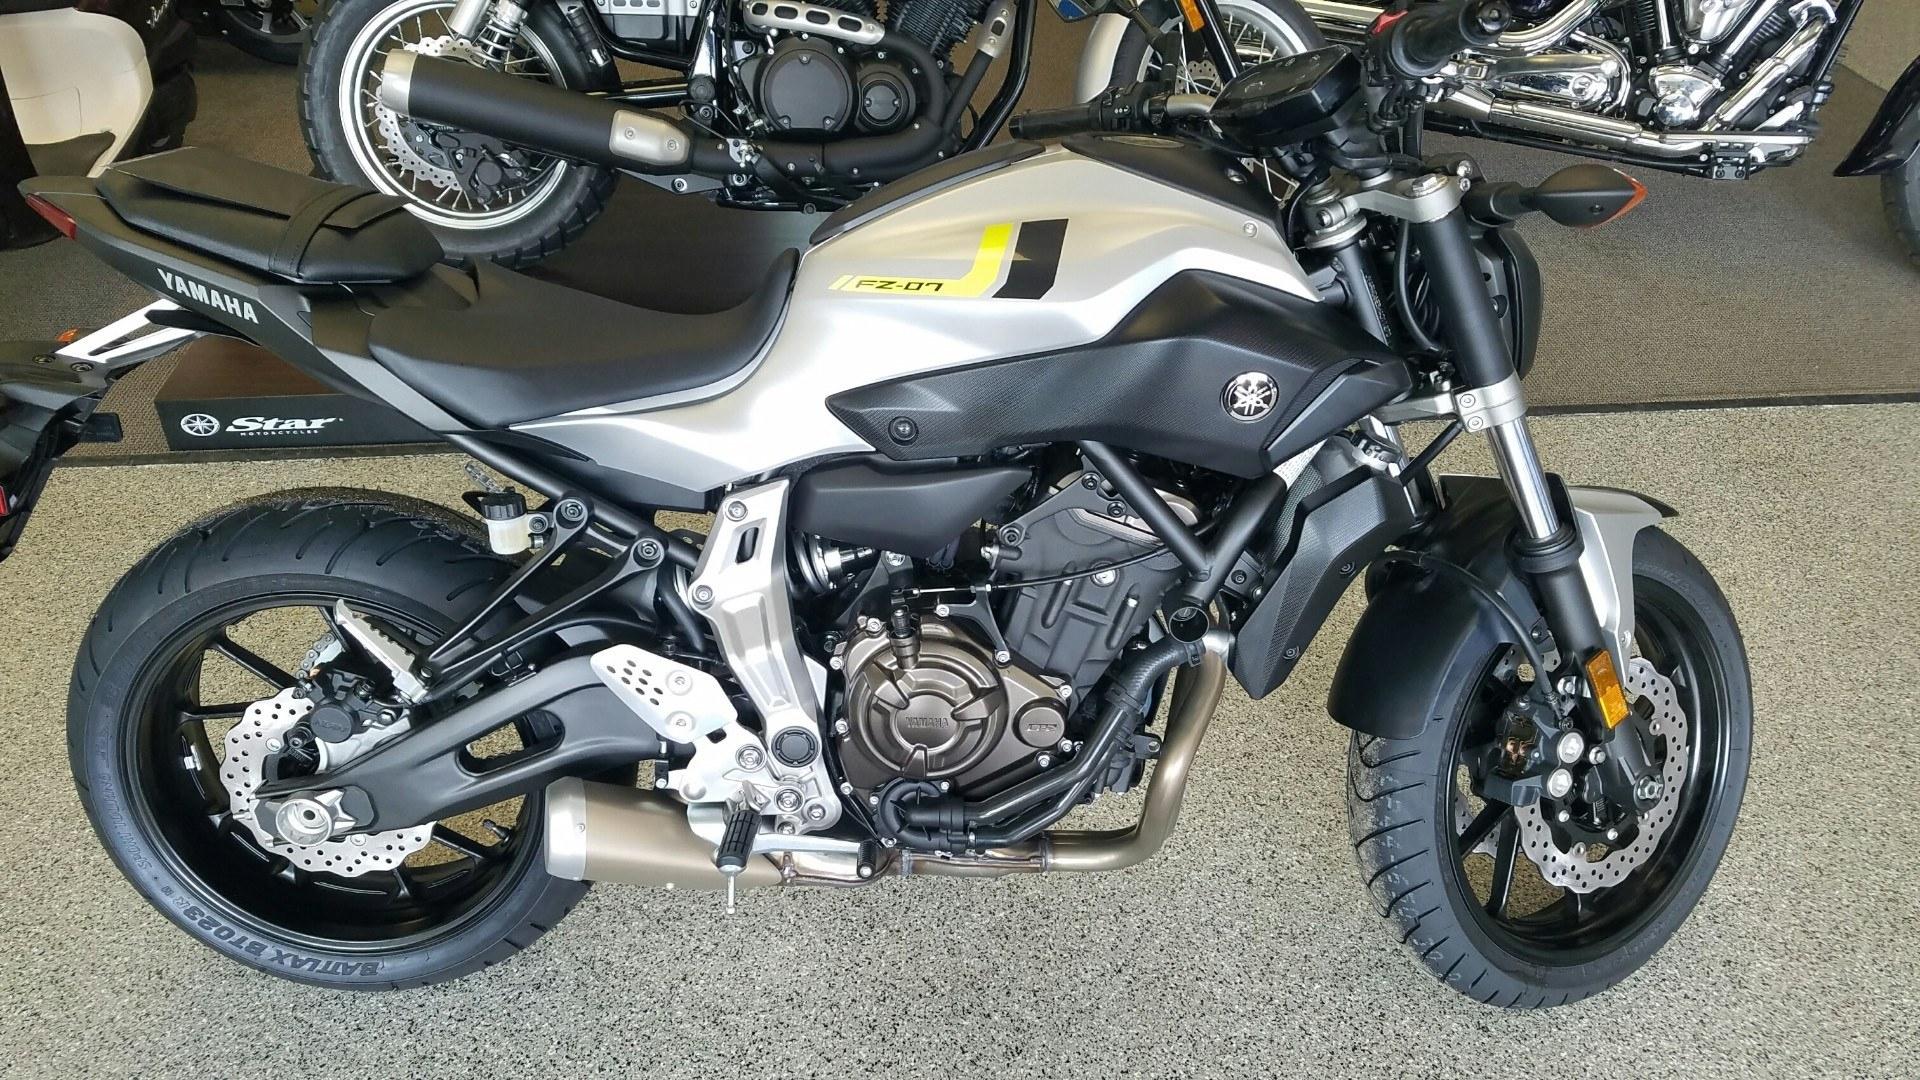 2017 Yamaha FZ-07 1